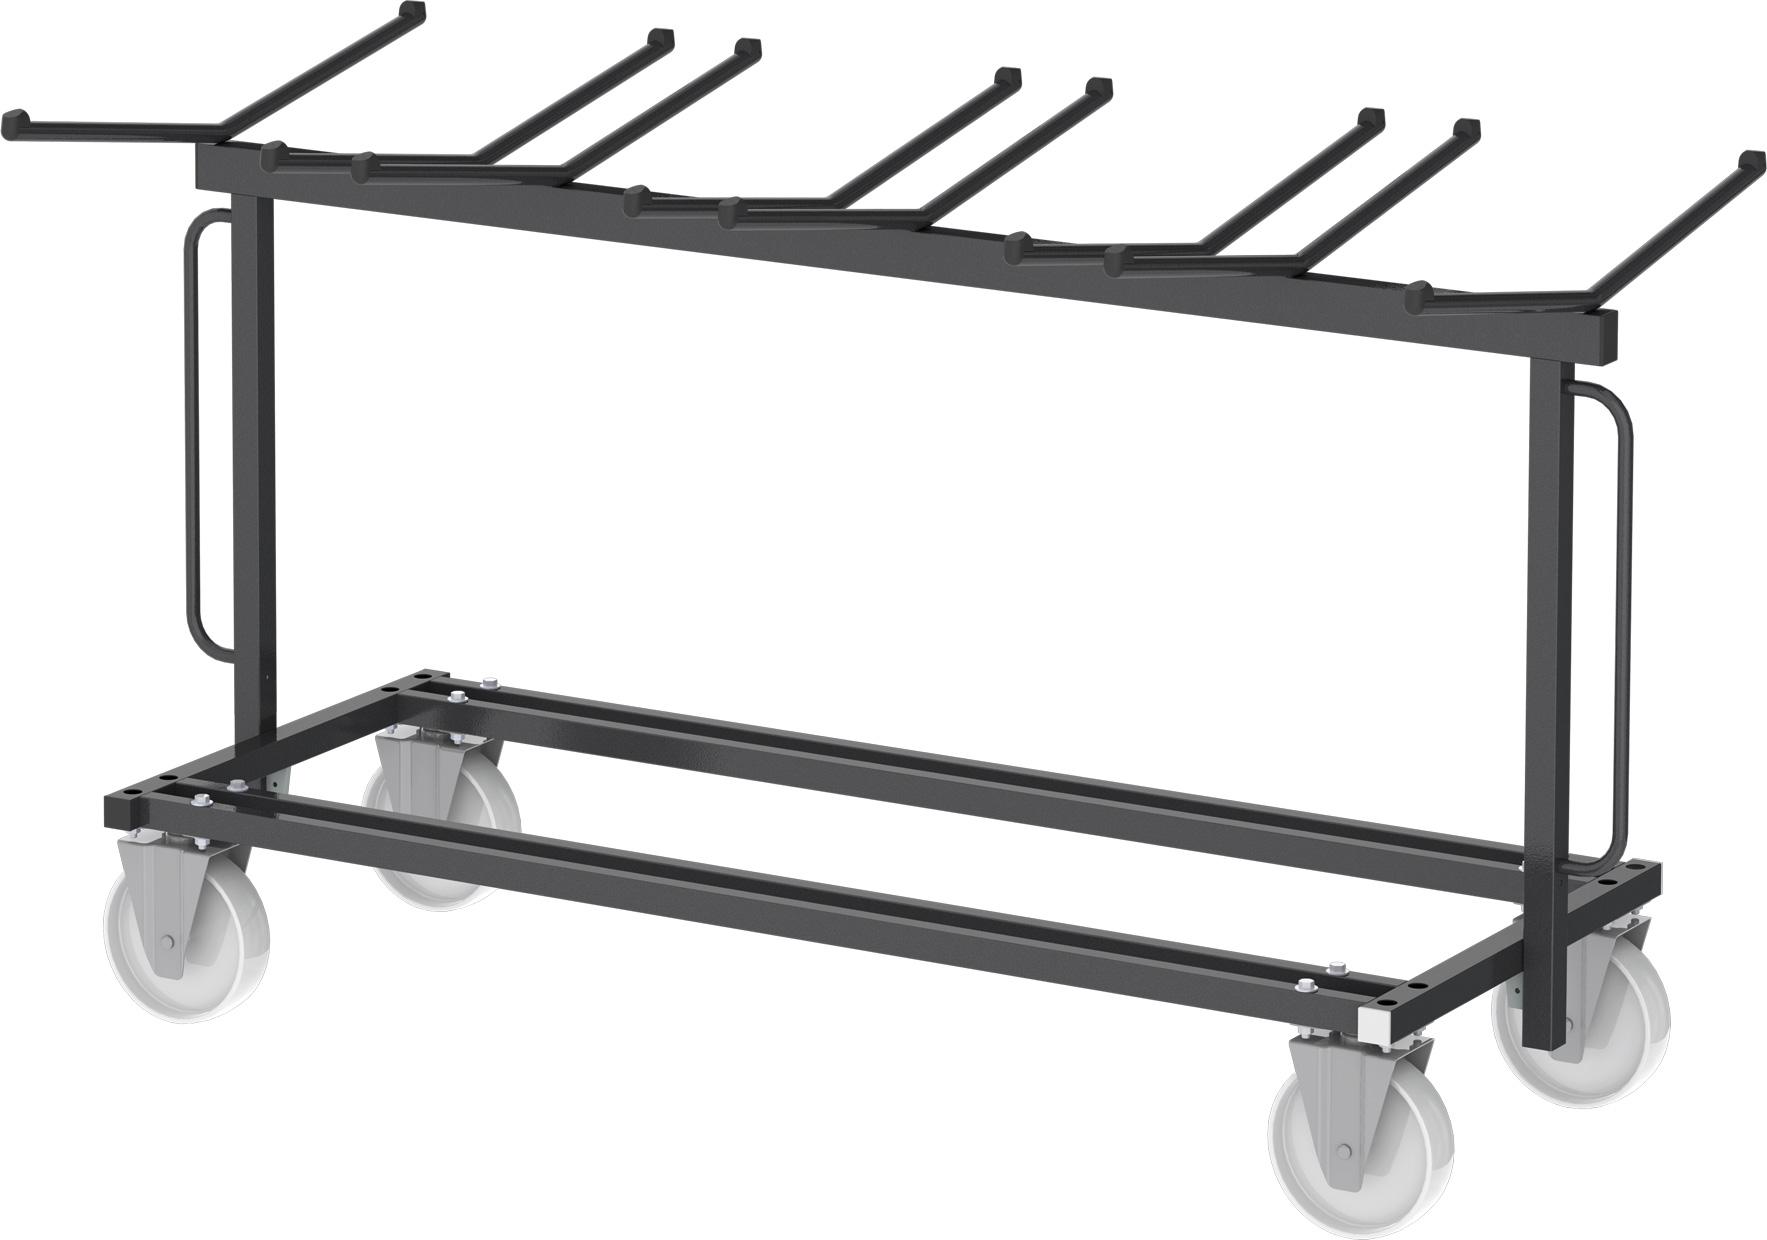 chariot pour chaises pliantes mobilier goz. Black Bedroom Furniture Sets. Home Design Ideas